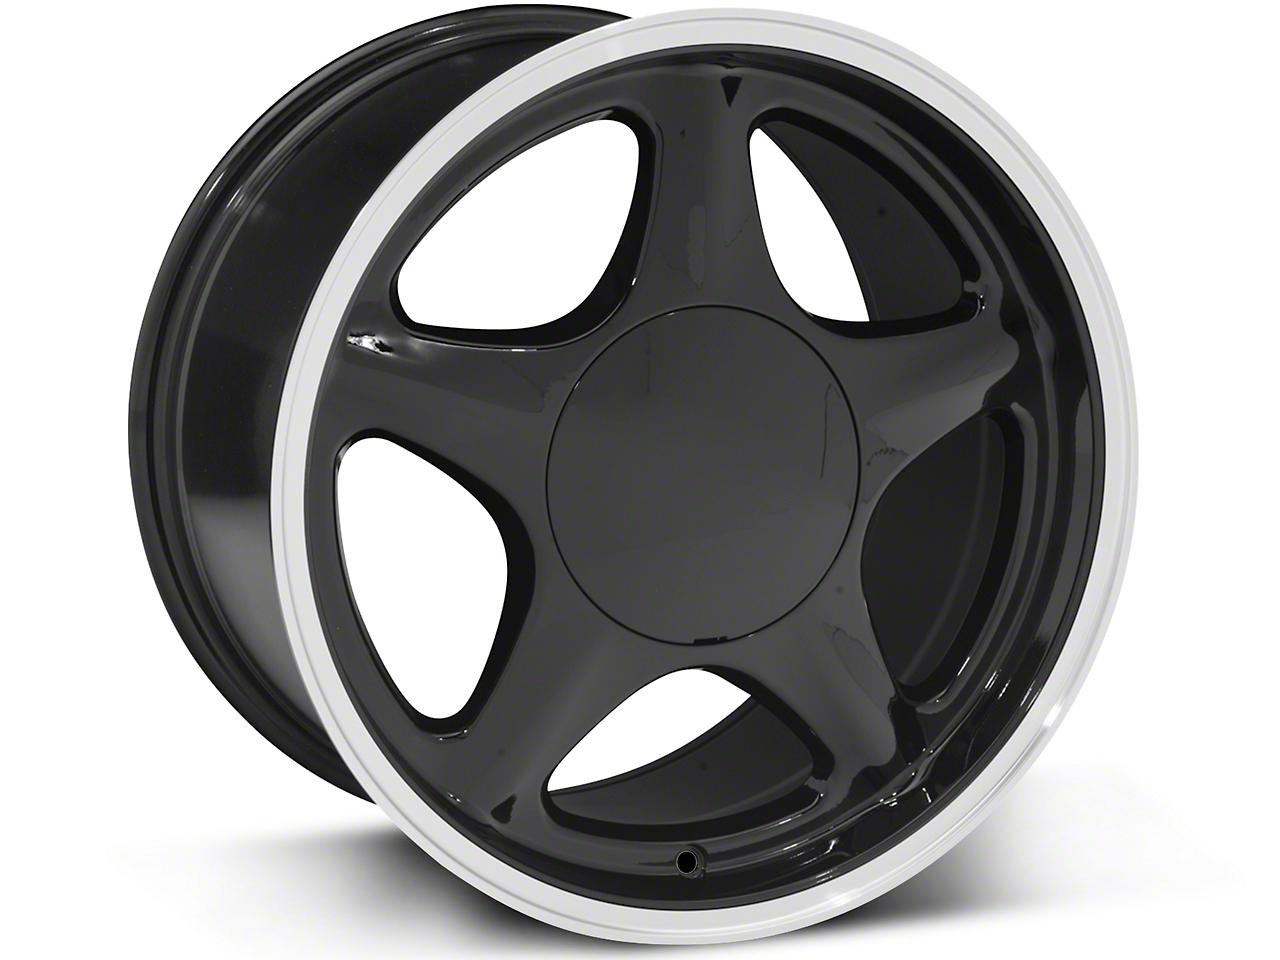 Pony Style Black w/ Machined Lip Wheel - 17x10 (87-93; Excludes 93 Cobra)